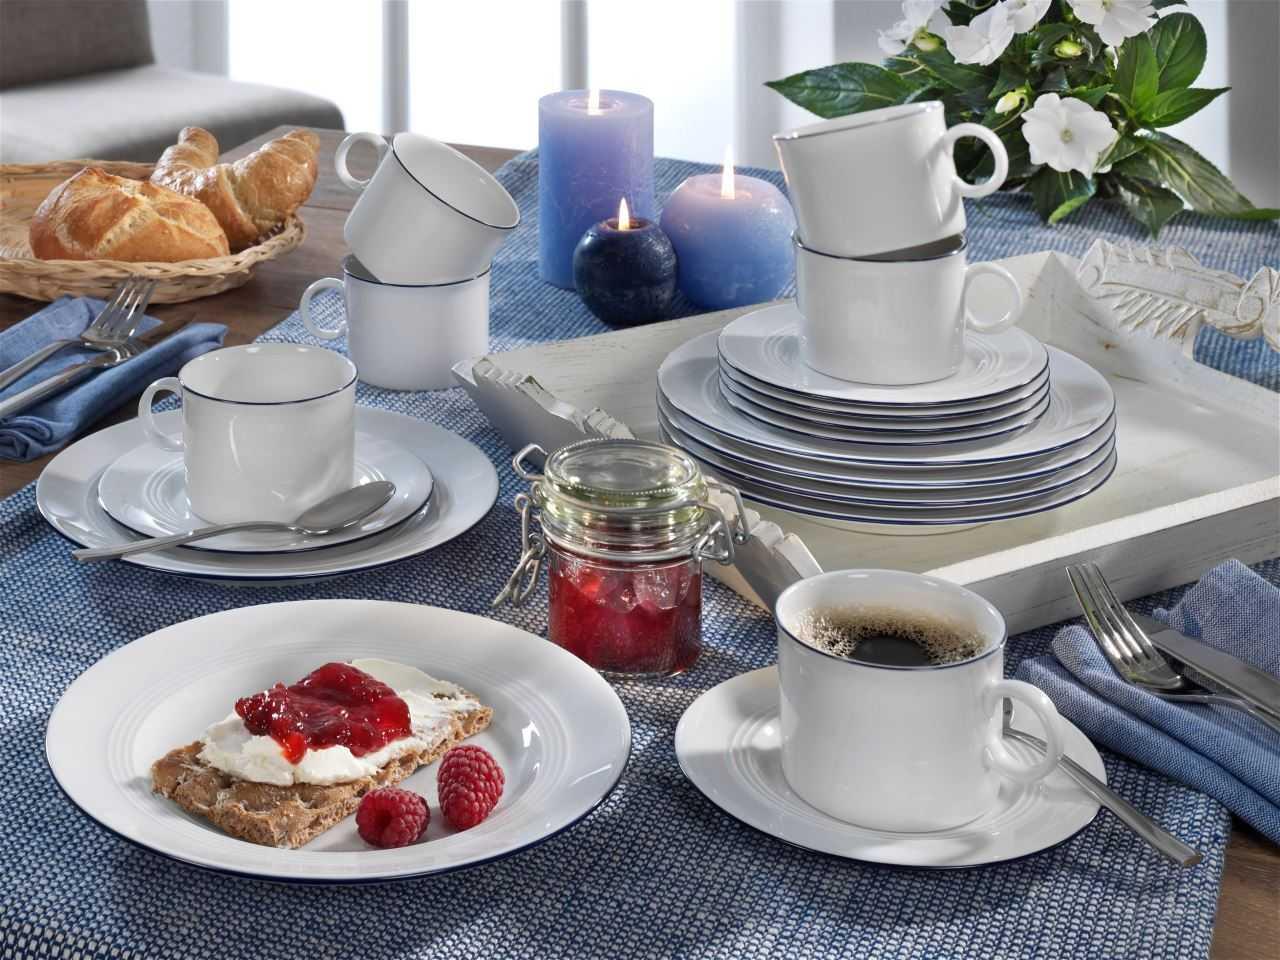 friesland kleine brise angebot kaffeeservice kochen essen wohnen. Black Bedroom Furniture Sets. Home Design Ideas